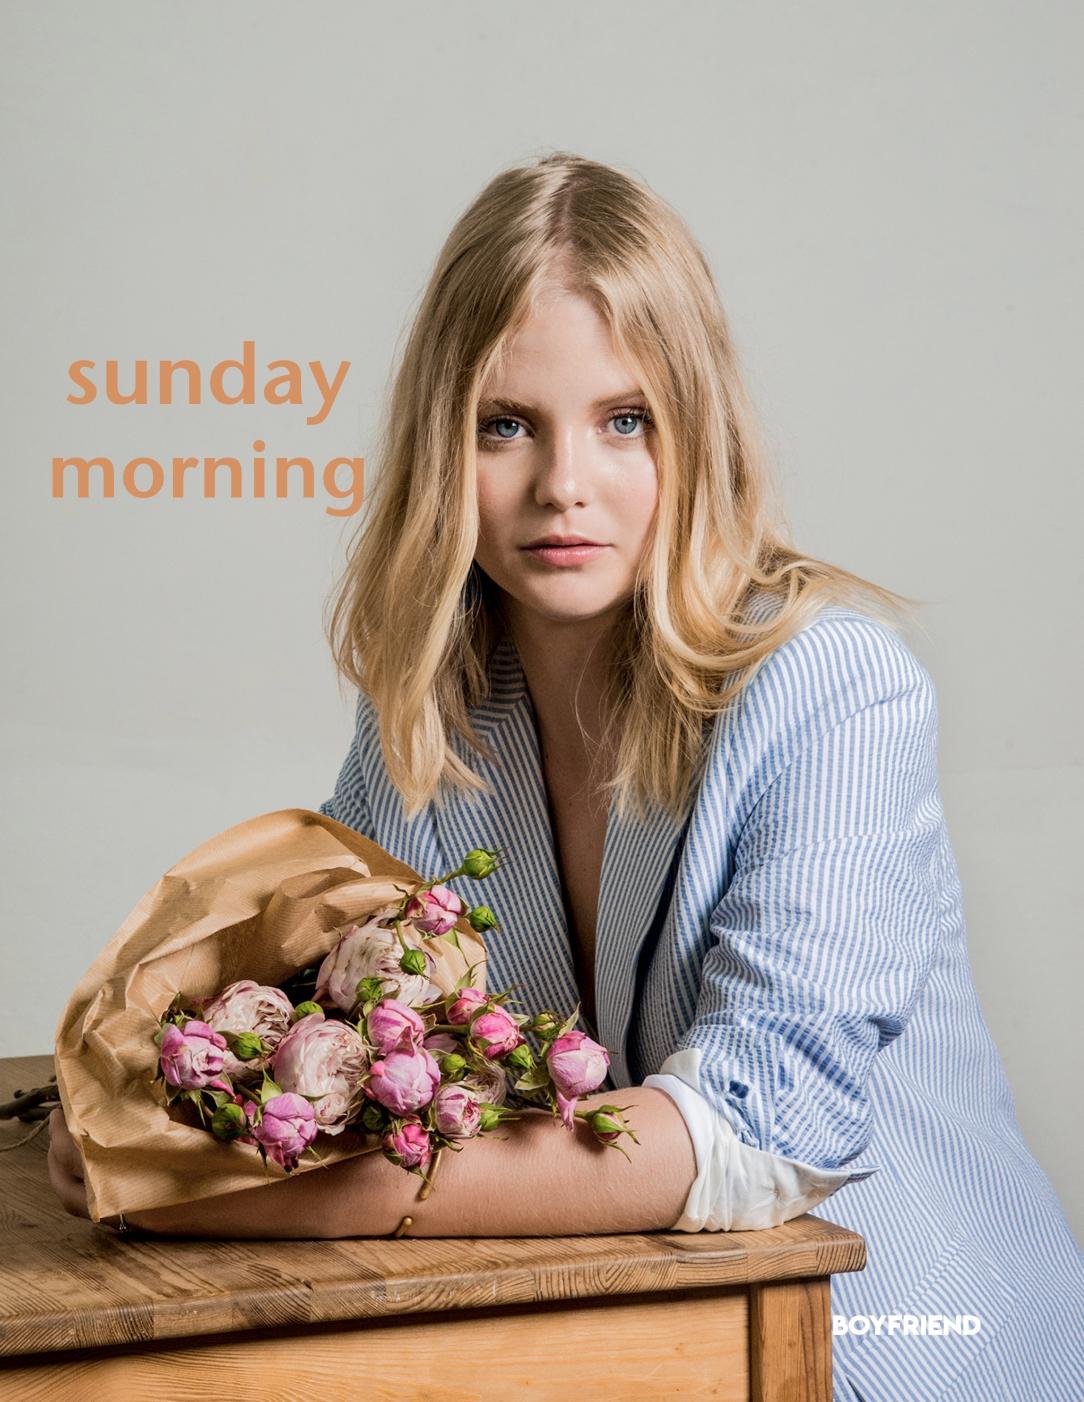 Boyfriend Mag - August 2018 - Sunday Morning - Bruno Martinez